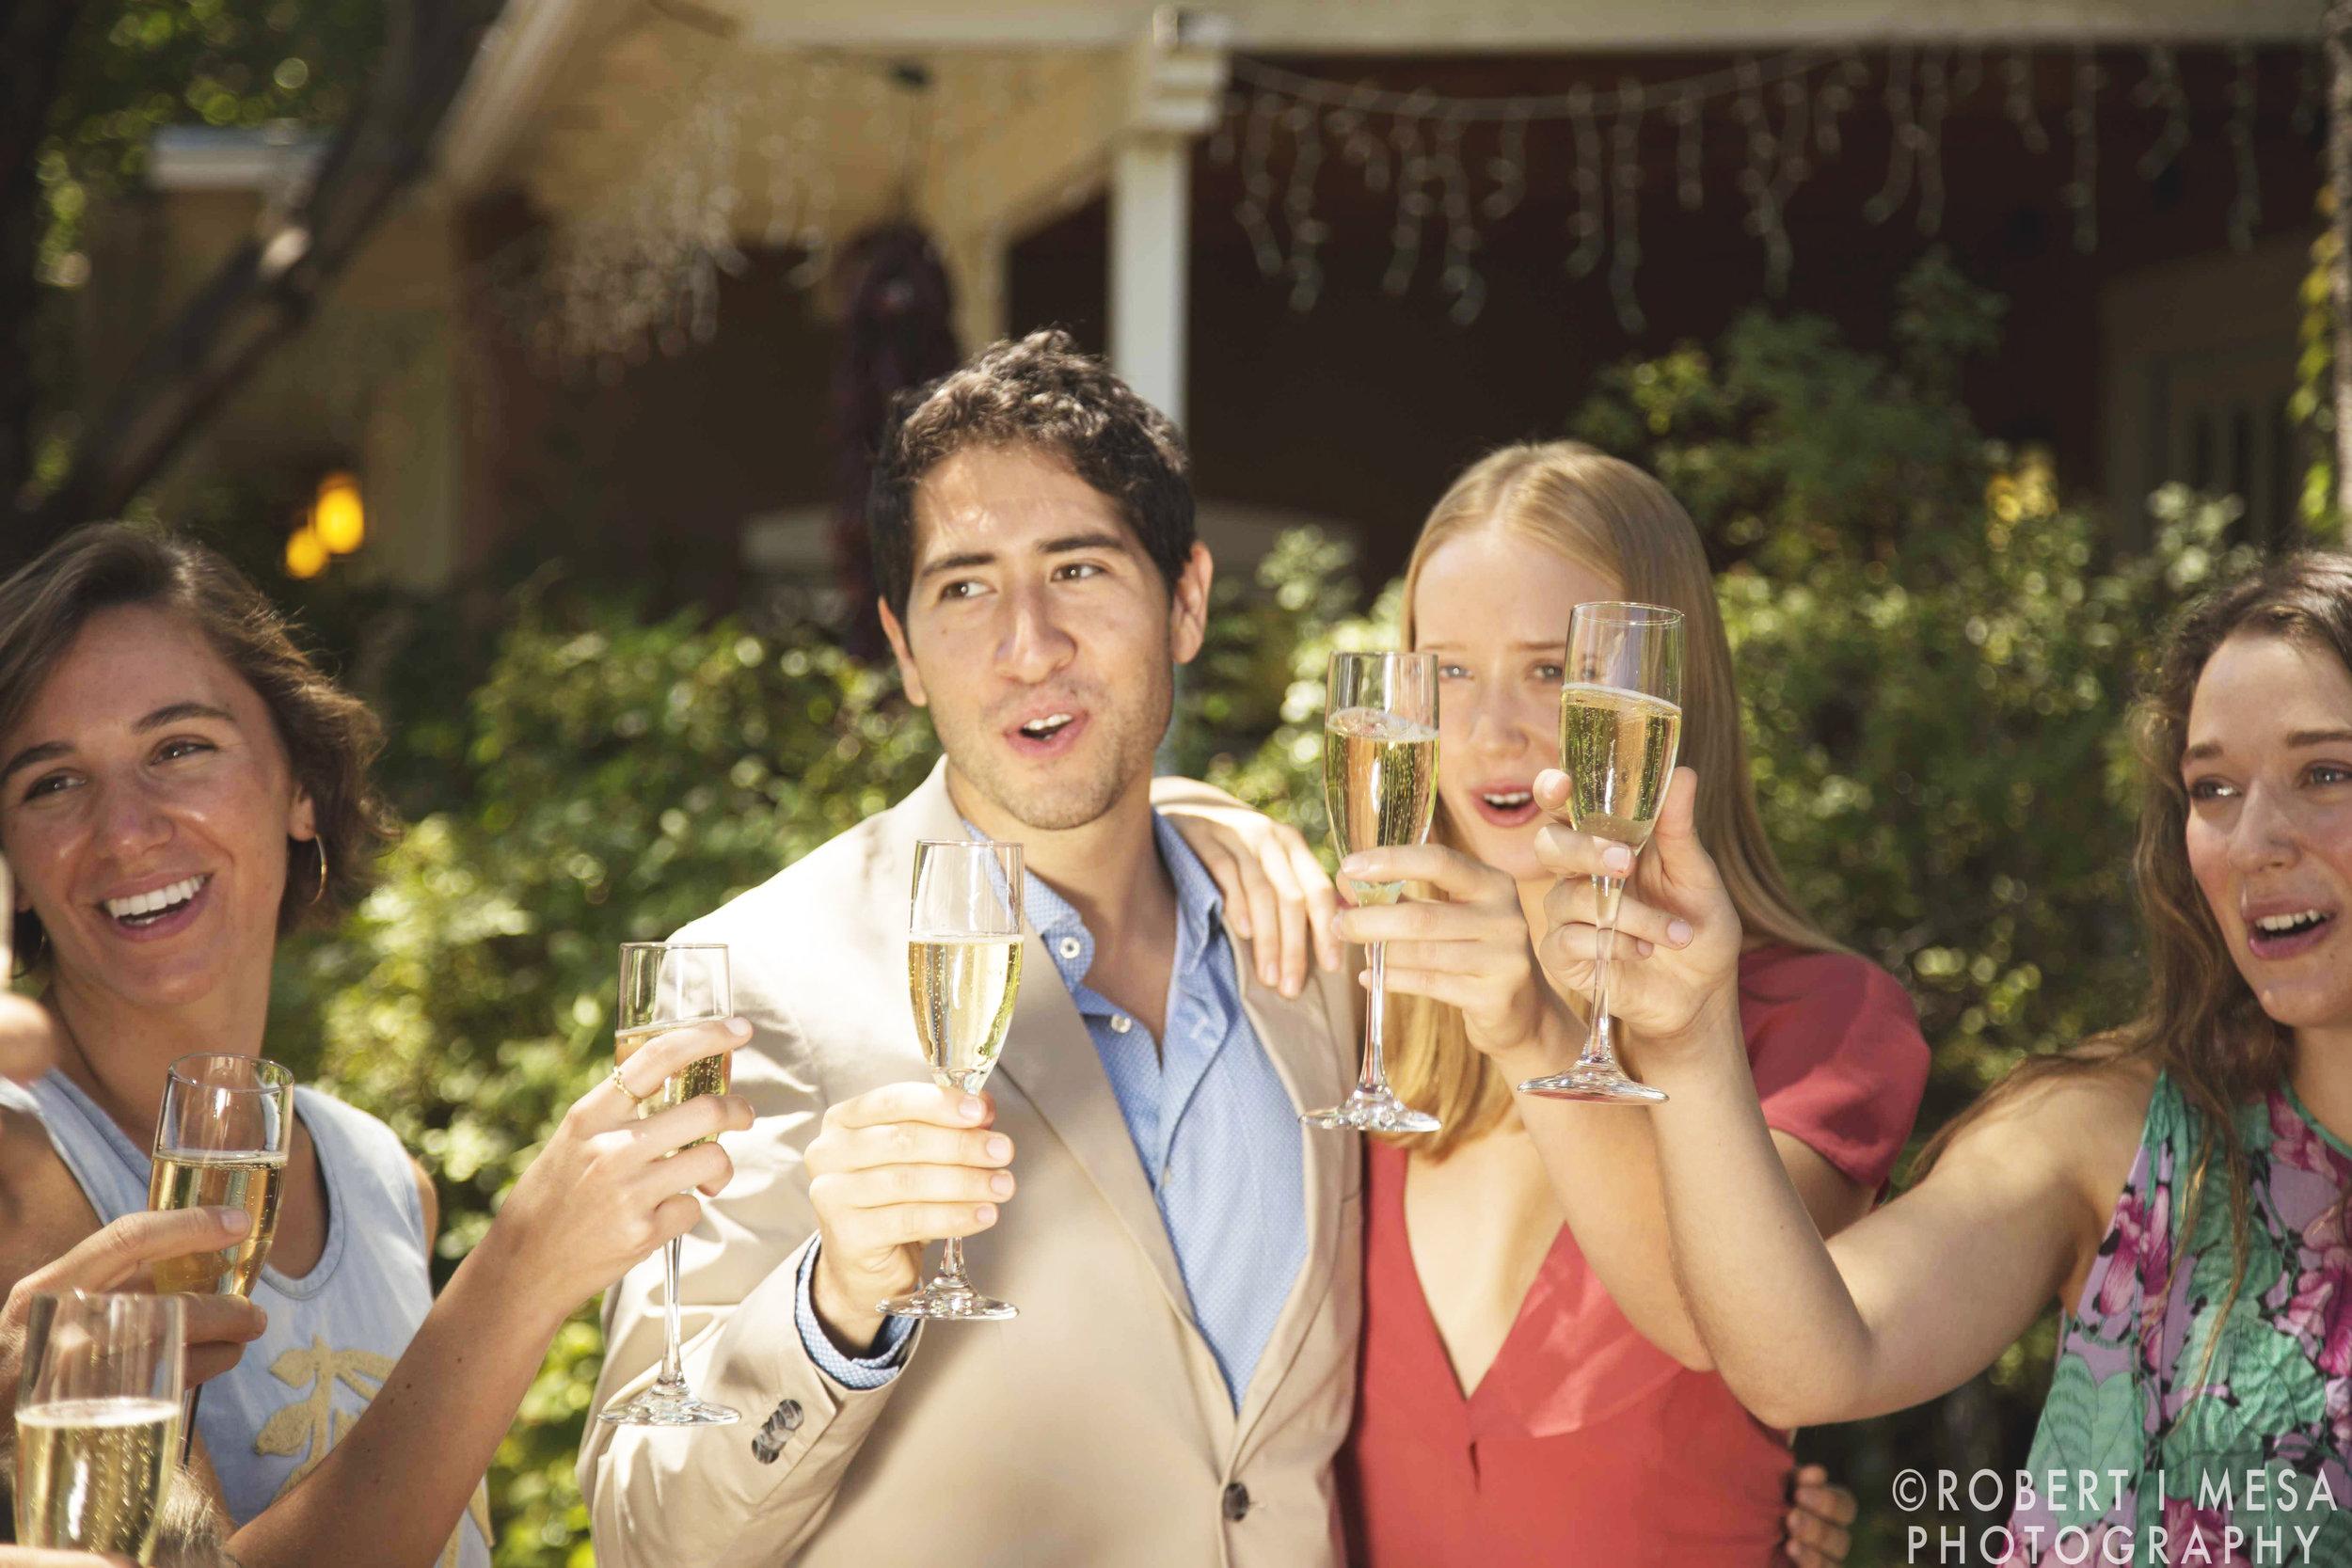 BALWIT_WEDDING-ROBERTIMESA-2015_146 copy.jpg